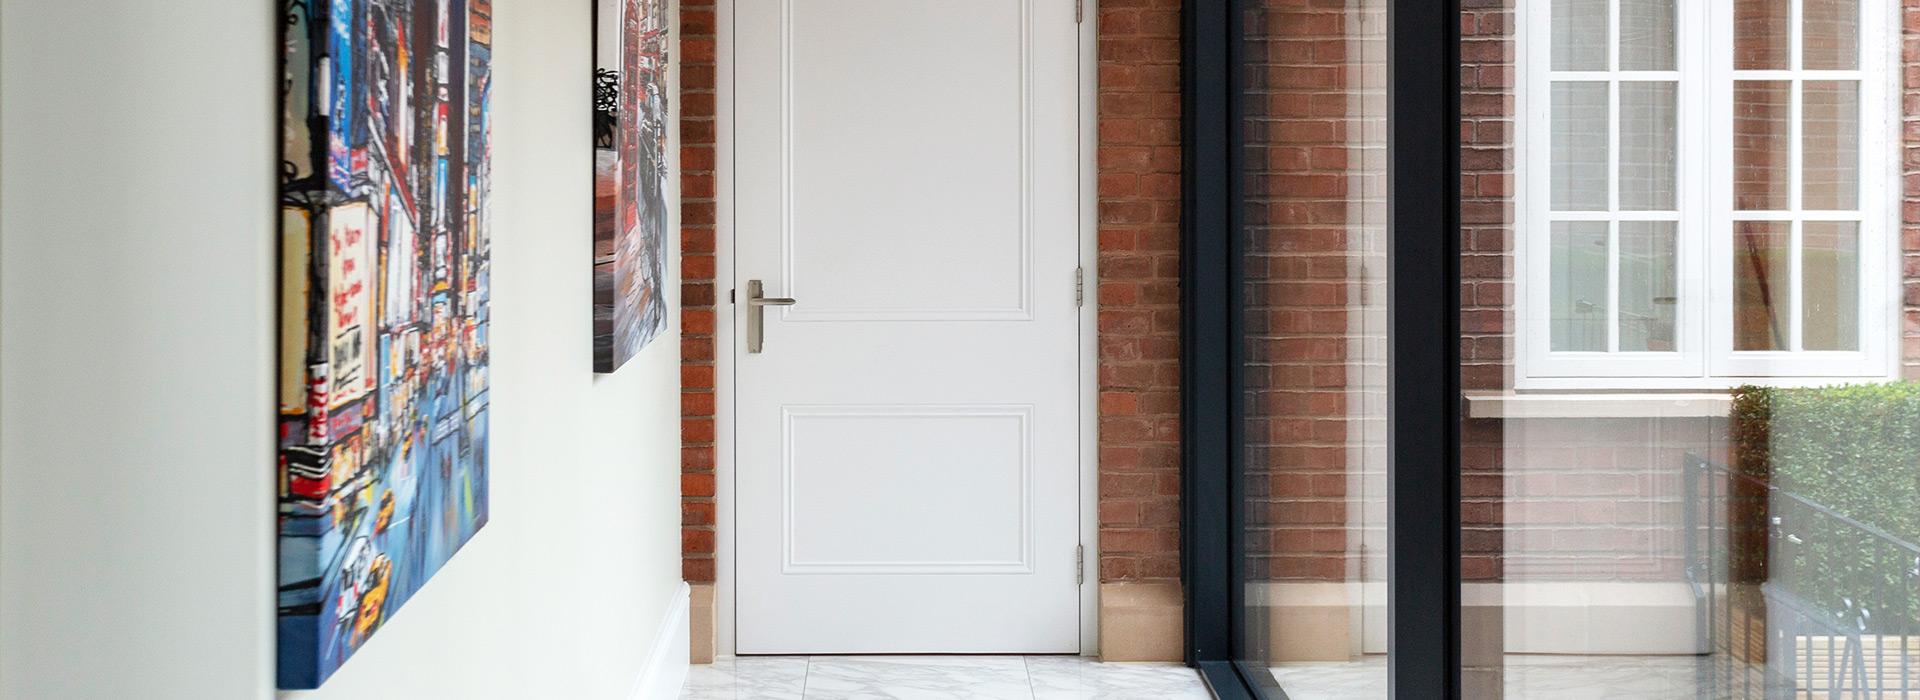 Traditional door in modern hallway